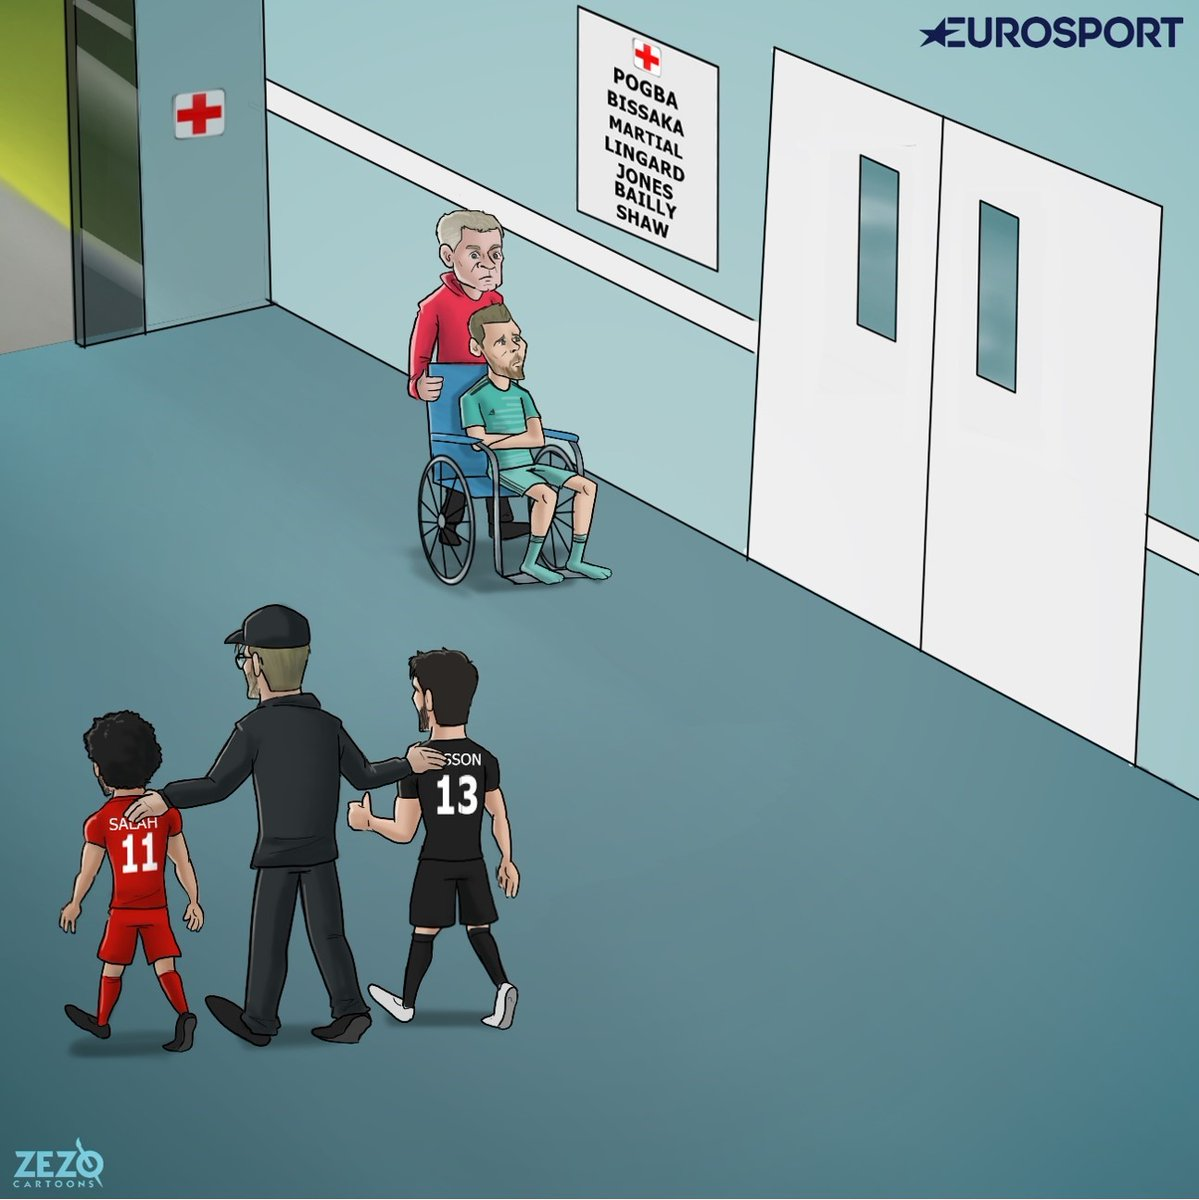 漫画调侃双红会:萨拉赫阿利松出院,德赫亚进病房